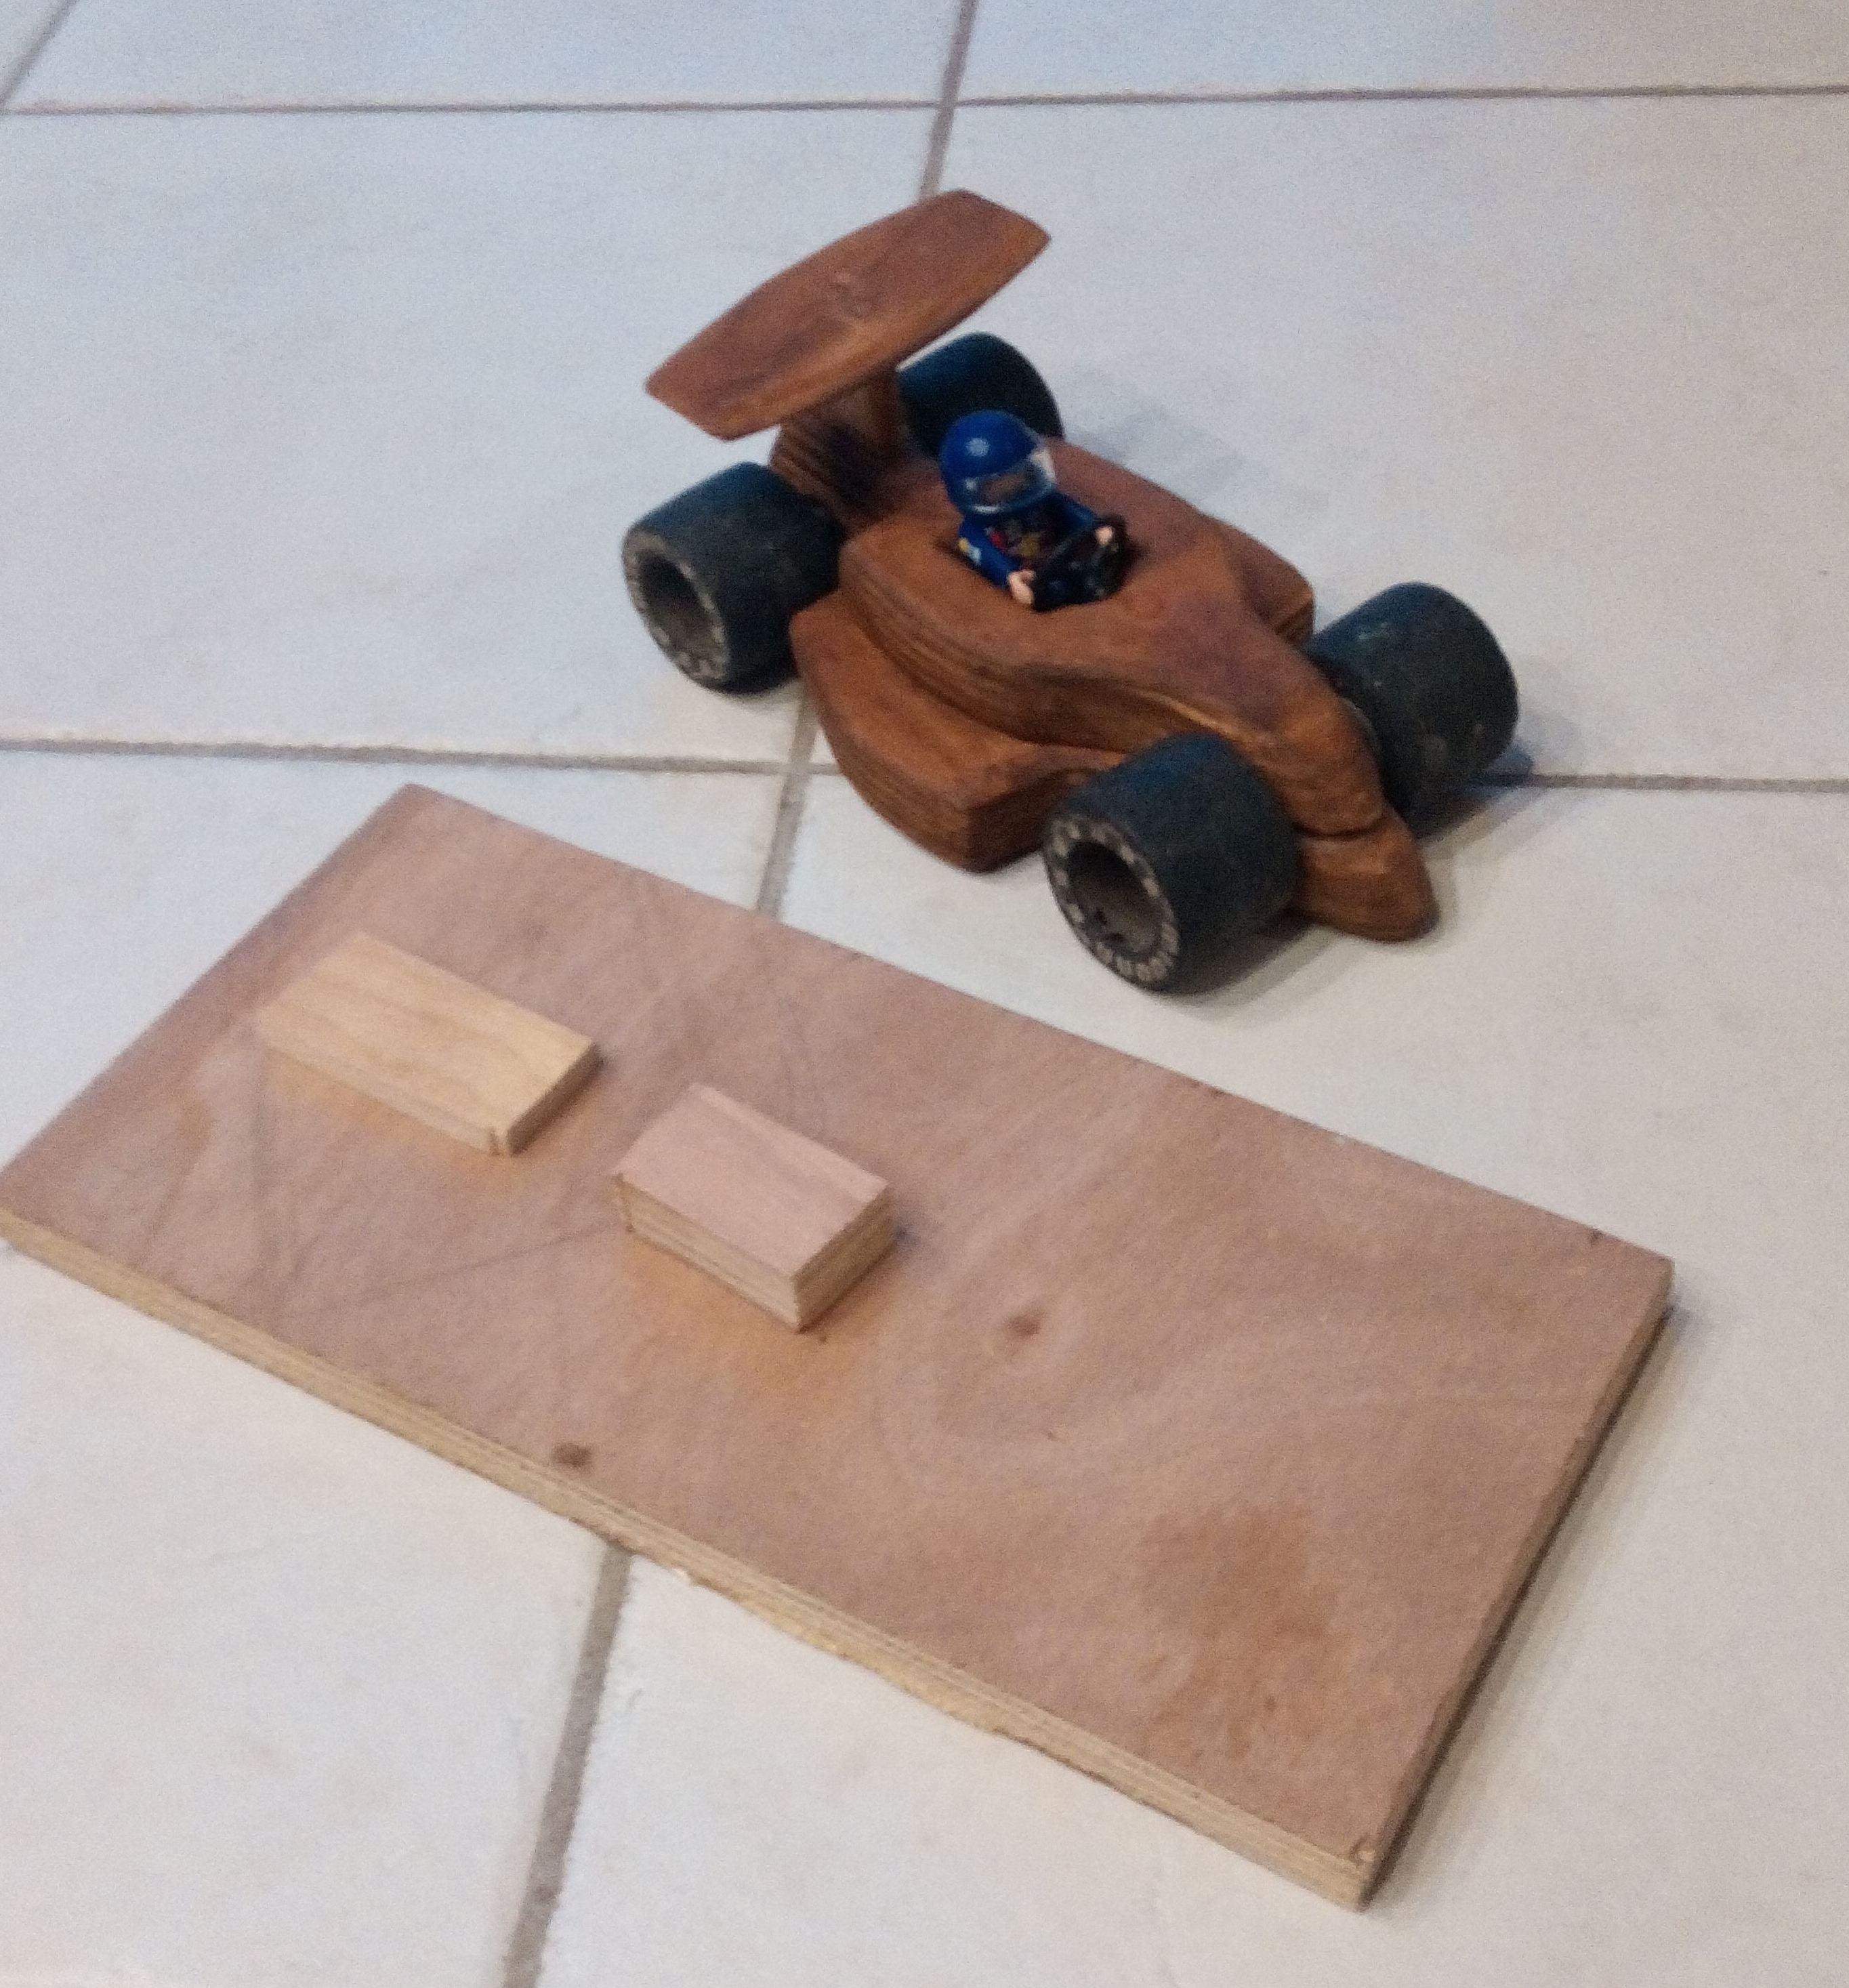 Formule 1 en bois partir d un vieux patins roulettes bois.jpg